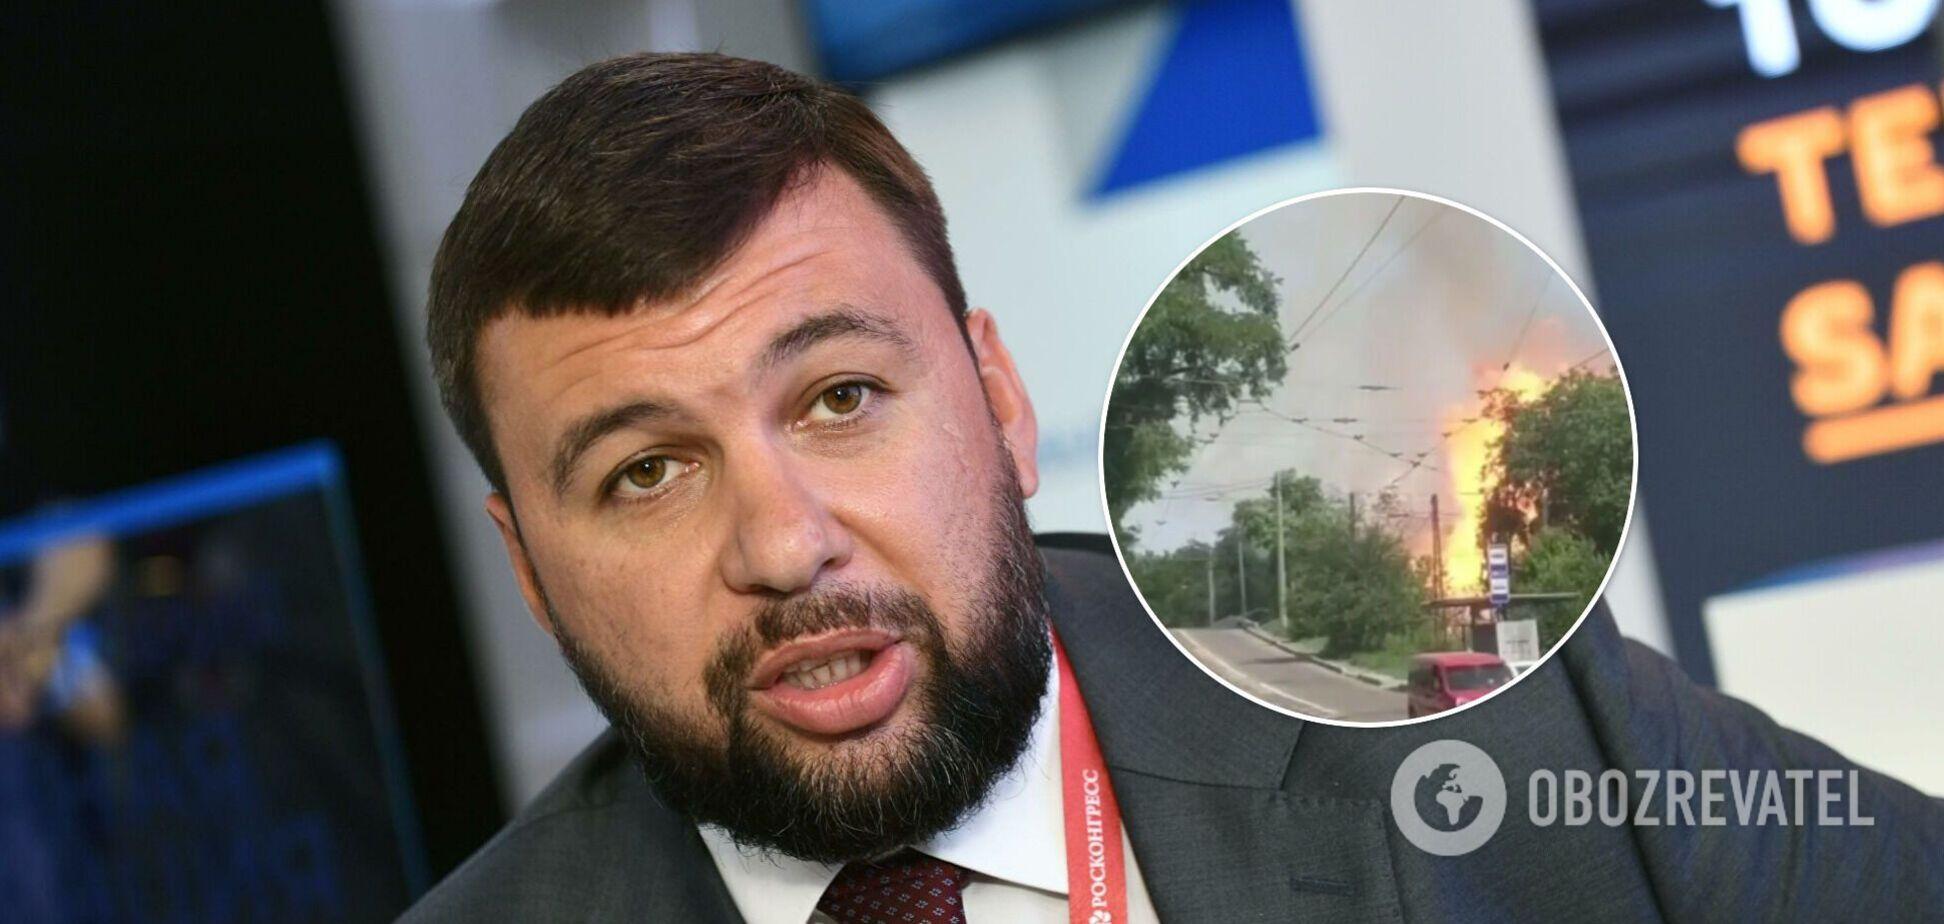 Пушилин объявил терактом взрыв в Донецке и назвал 'виновных'